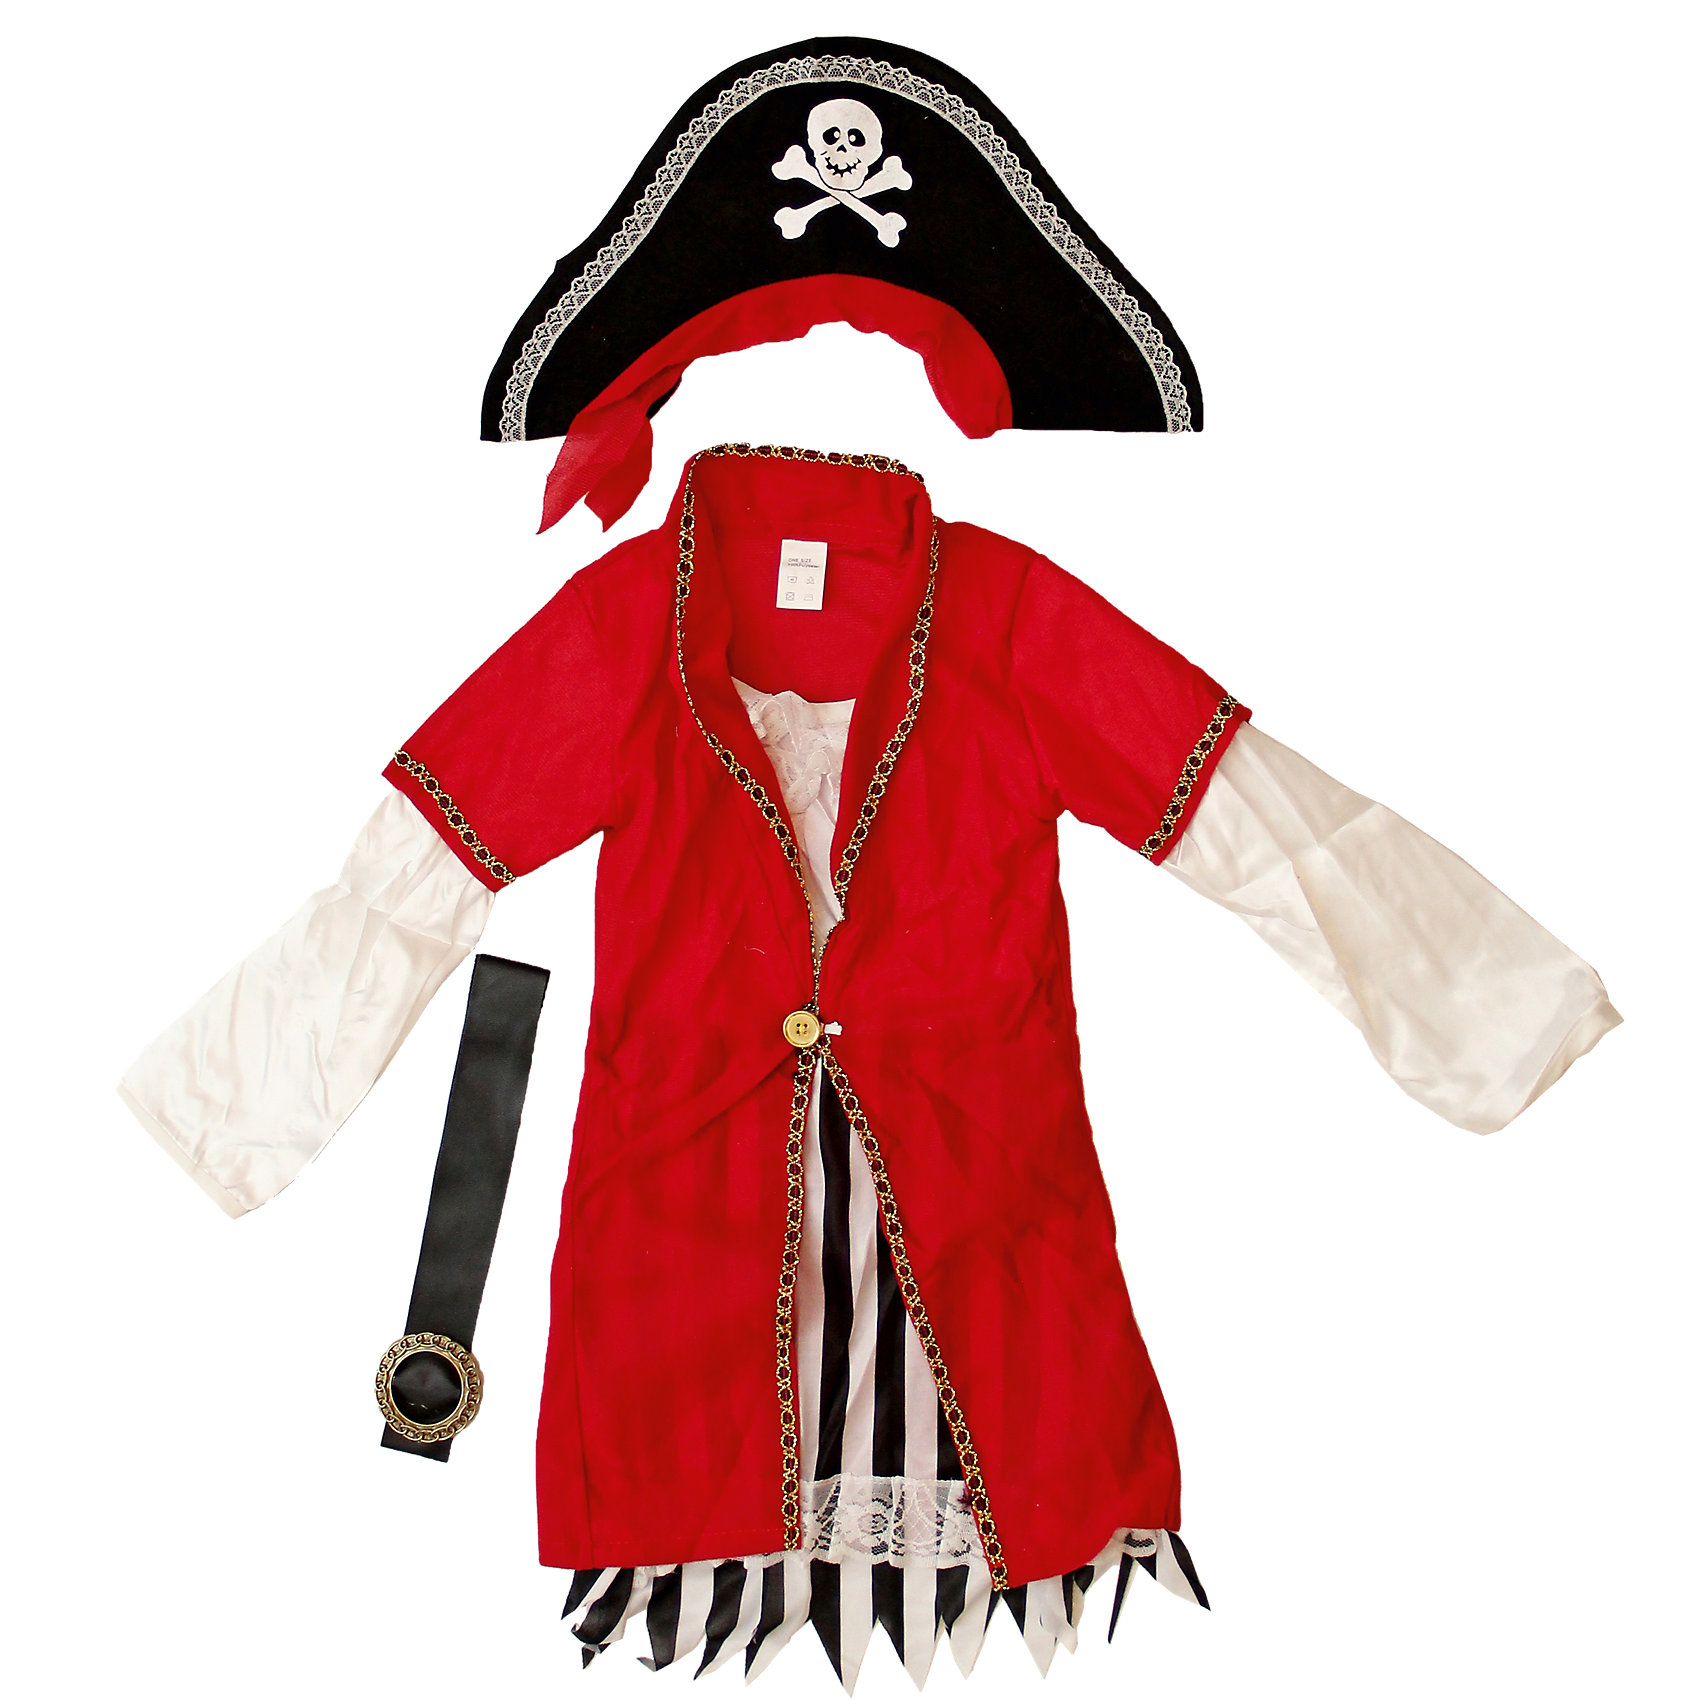 Маскарадный костюм для мальчика Пират Роджер, 4-6 летКарнавальные костюмы и аксессуары<br>Маскарадный костюм для мальчика Пират Роджер, 4-6 лет – это возможность превратить праздник в необычное, яркое шоу.<br>Детский маскарадный костюм Пират Роджер  подойдет мальчику, мечтающему о шуме моря, собственном корабле и незабываемых приключениях. Он позволит вашему малышу быть самым интересным героем на детском утреннике, маскараде и других мероприятиях. Костюм состоит из белой рубашки с красным жилетом, штанов в полоску, ремня с пряжкой, черной шляпы и накладками на обувь. Шляпа украшена черепом на костях. Такой костюм привлечет внимание друзей вашего ребенка и подчеркнет его индивидуальность. Веселое настроение и масса положительных эмоций будут обеспечены!<br><br>Дополнительная информация:<br><br>- Комплектация: шляпа, рубашка, брюки, ремень, накладки на обувь<br>- Возраста: от 4 до 6 лет<br>- Рост: 110 см.<br>- Обхват груди: 60 см.<br>- Обхват талии: 53 см.<br>- Материал: полиэстер, трикотаж<br><br>Маскарадный костюм для мальчика Пират Роджер, 4-6 лет можно купить в нашем интернет-магазине.<br><br>Ширина мм: 400<br>Глубина мм: 500<br>Высота мм: 50<br>Вес г: 700<br>Возраст от месяцев: 48<br>Возраст до месяцев: 72<br>Пол: Мужской<br>Возраст: Детский<br>SKU: 4280639